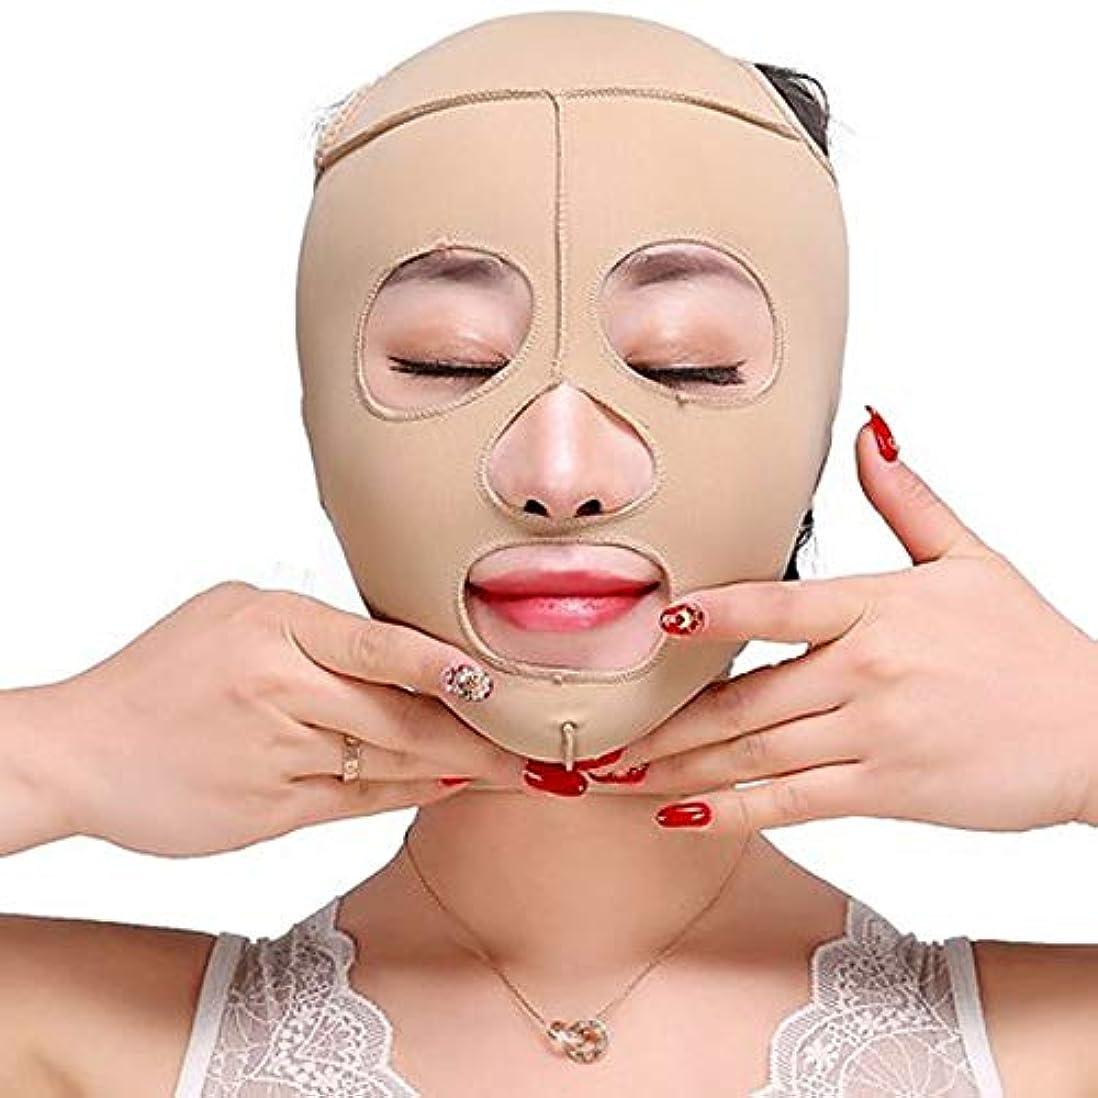 方向投票後悔GLJJQMY フェイシャルリフティングフェイシャルVマスクダブルあご薄い顔包帯抗シワリフティングチークライン 顔用整形マスク (Size : M)